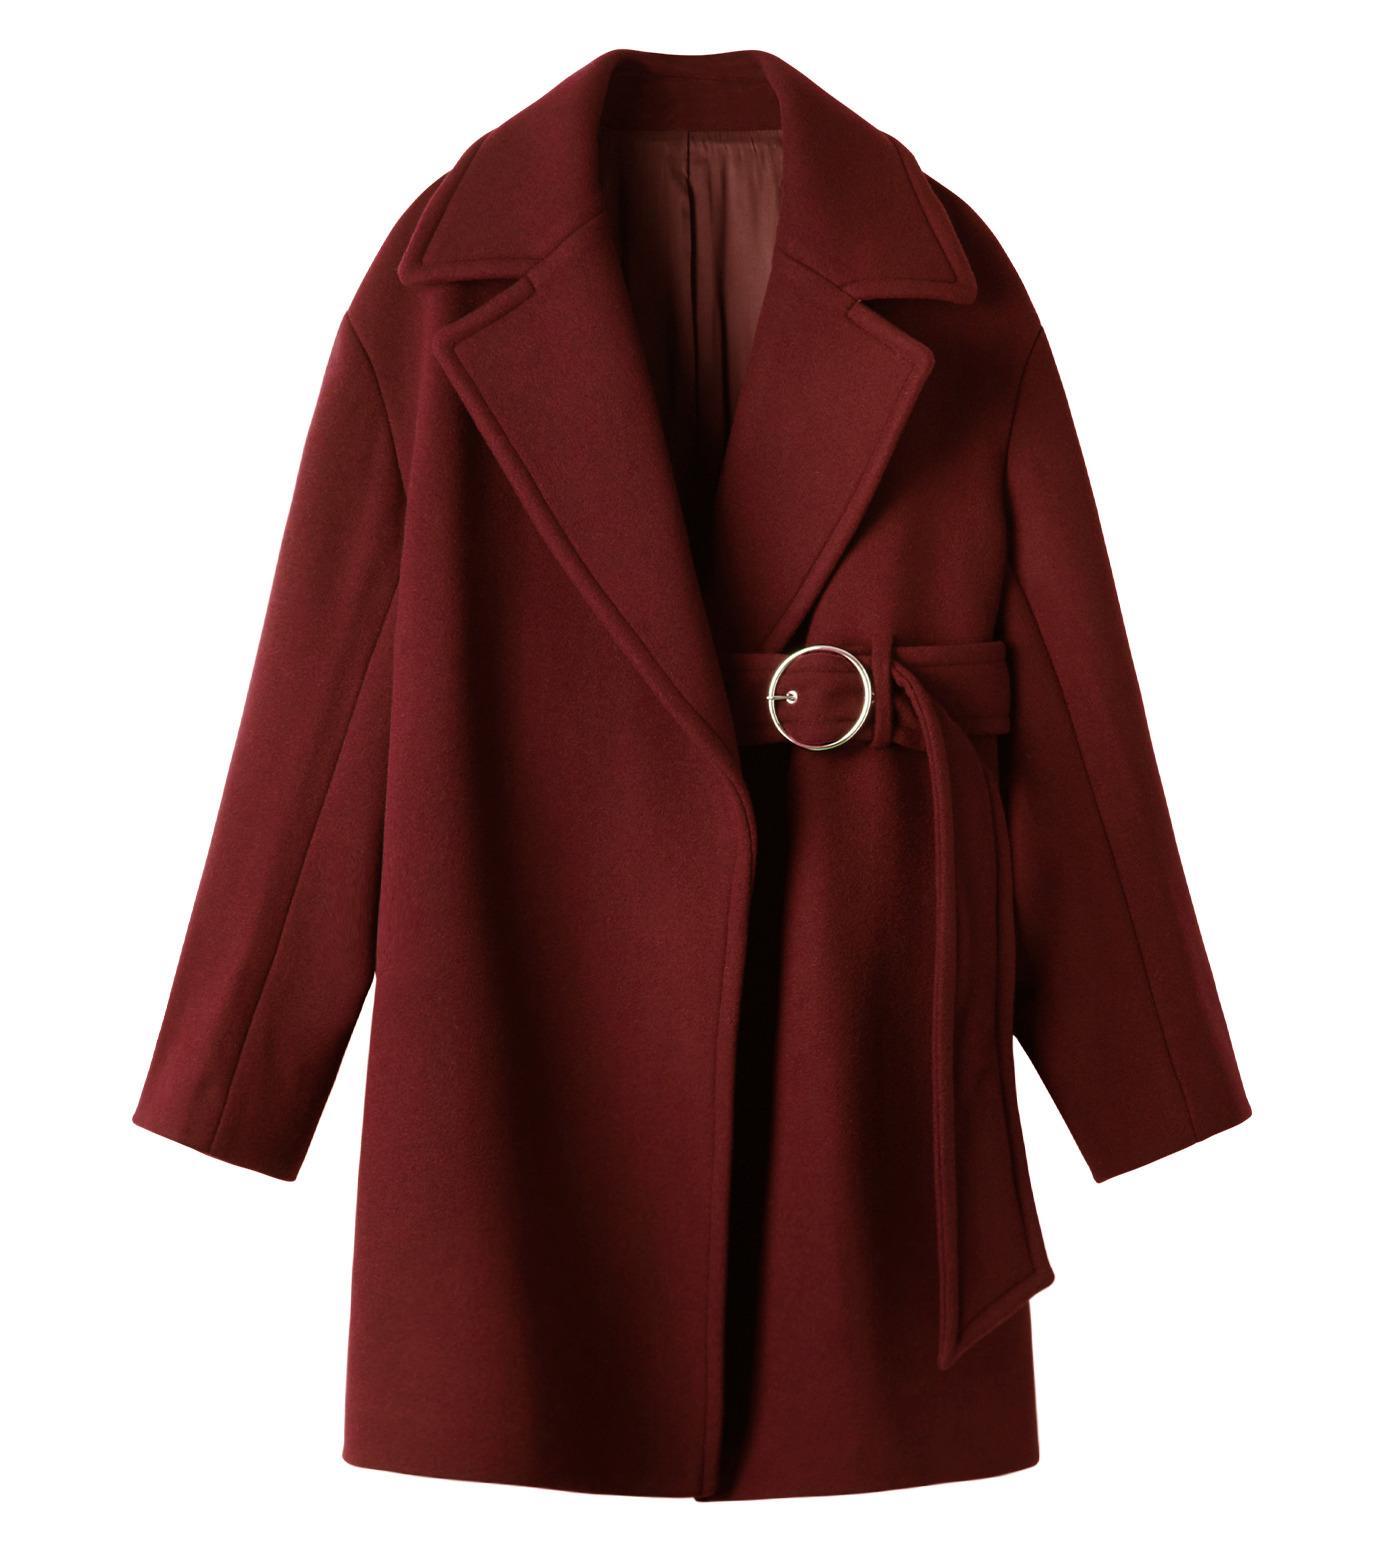 LE CIEL BLEU(ルシェルブルー)のベルトオーバーコート-BORDEAUX(コート/coat)-18A69512 拡大詳細画像7